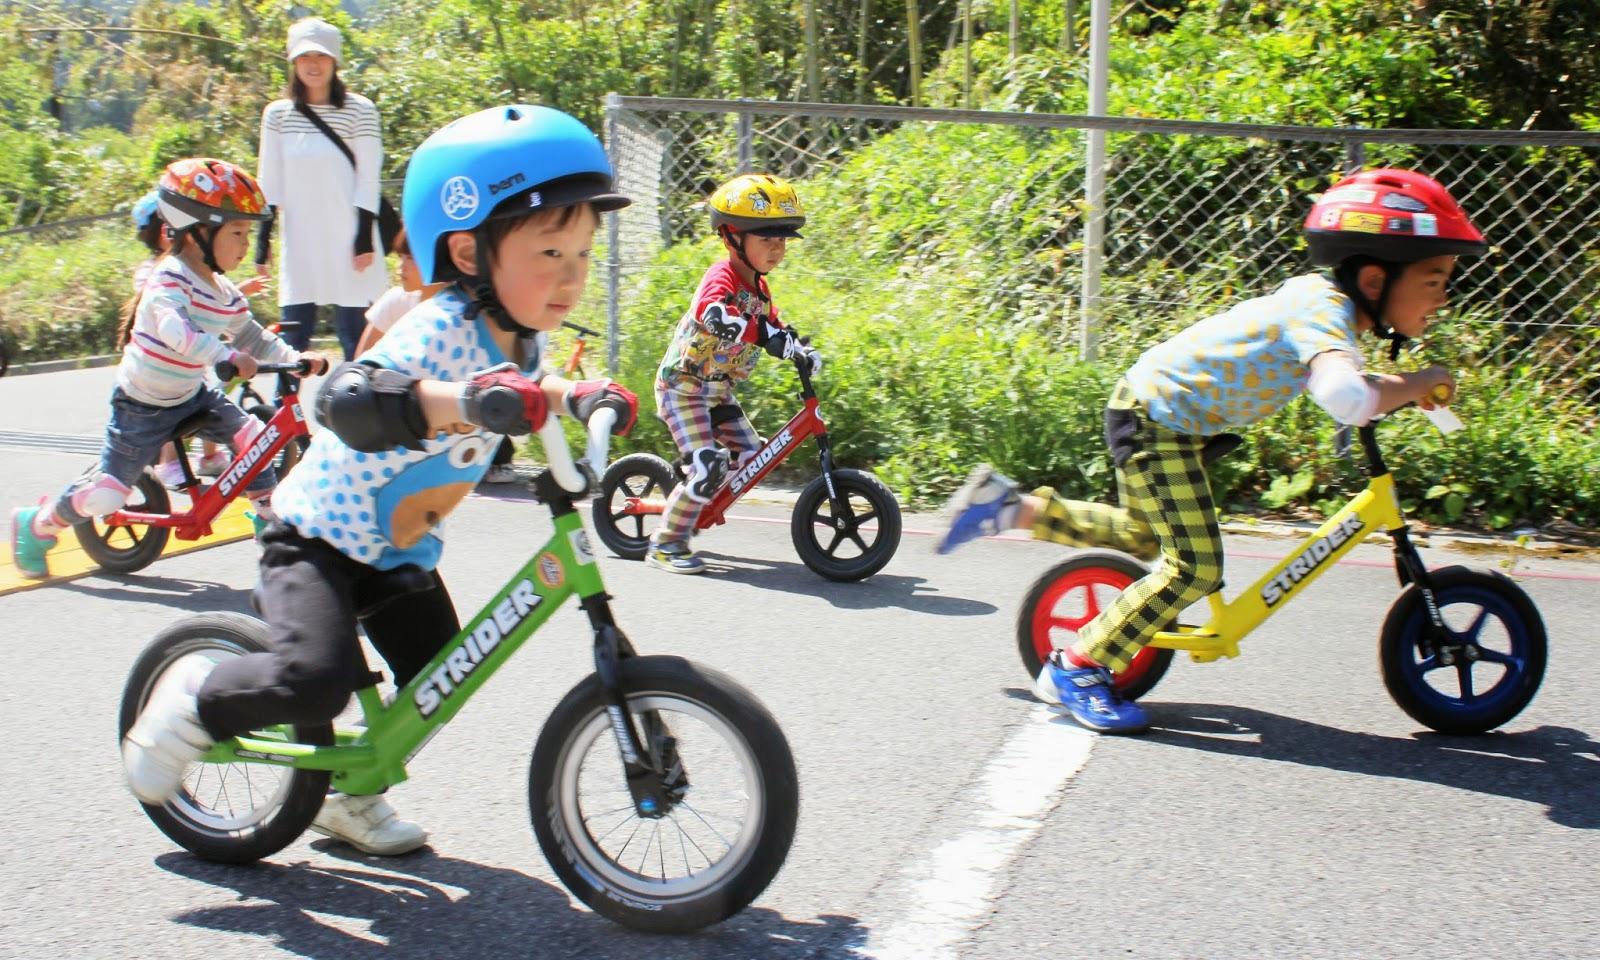 滋賀彦根新聞: 幼児向け自転車 ...